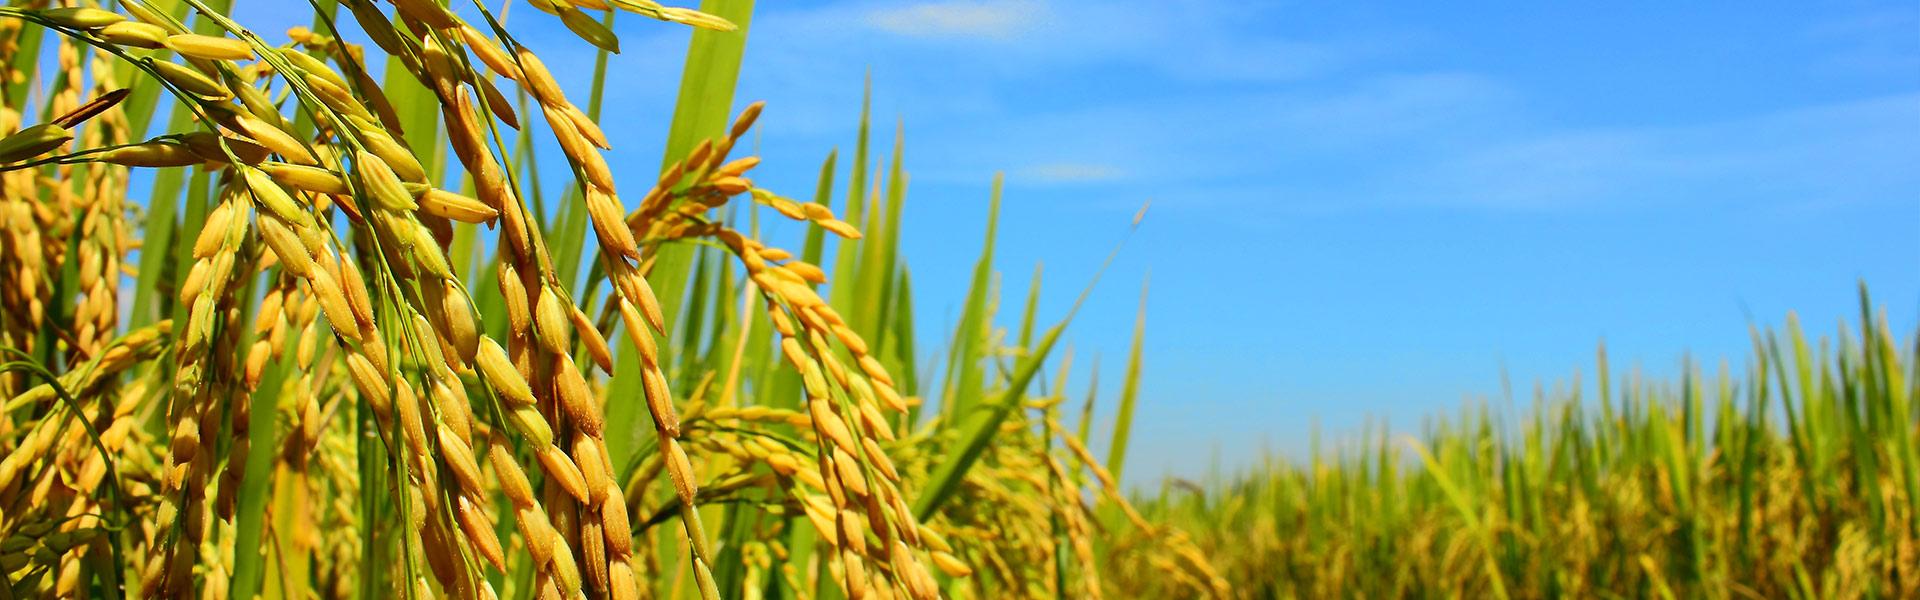 Riso-jolanda-Produzione-vendita-riso-carnaroli-arborio-vialone-integrale-farina-di-riso-semola-di-riso2